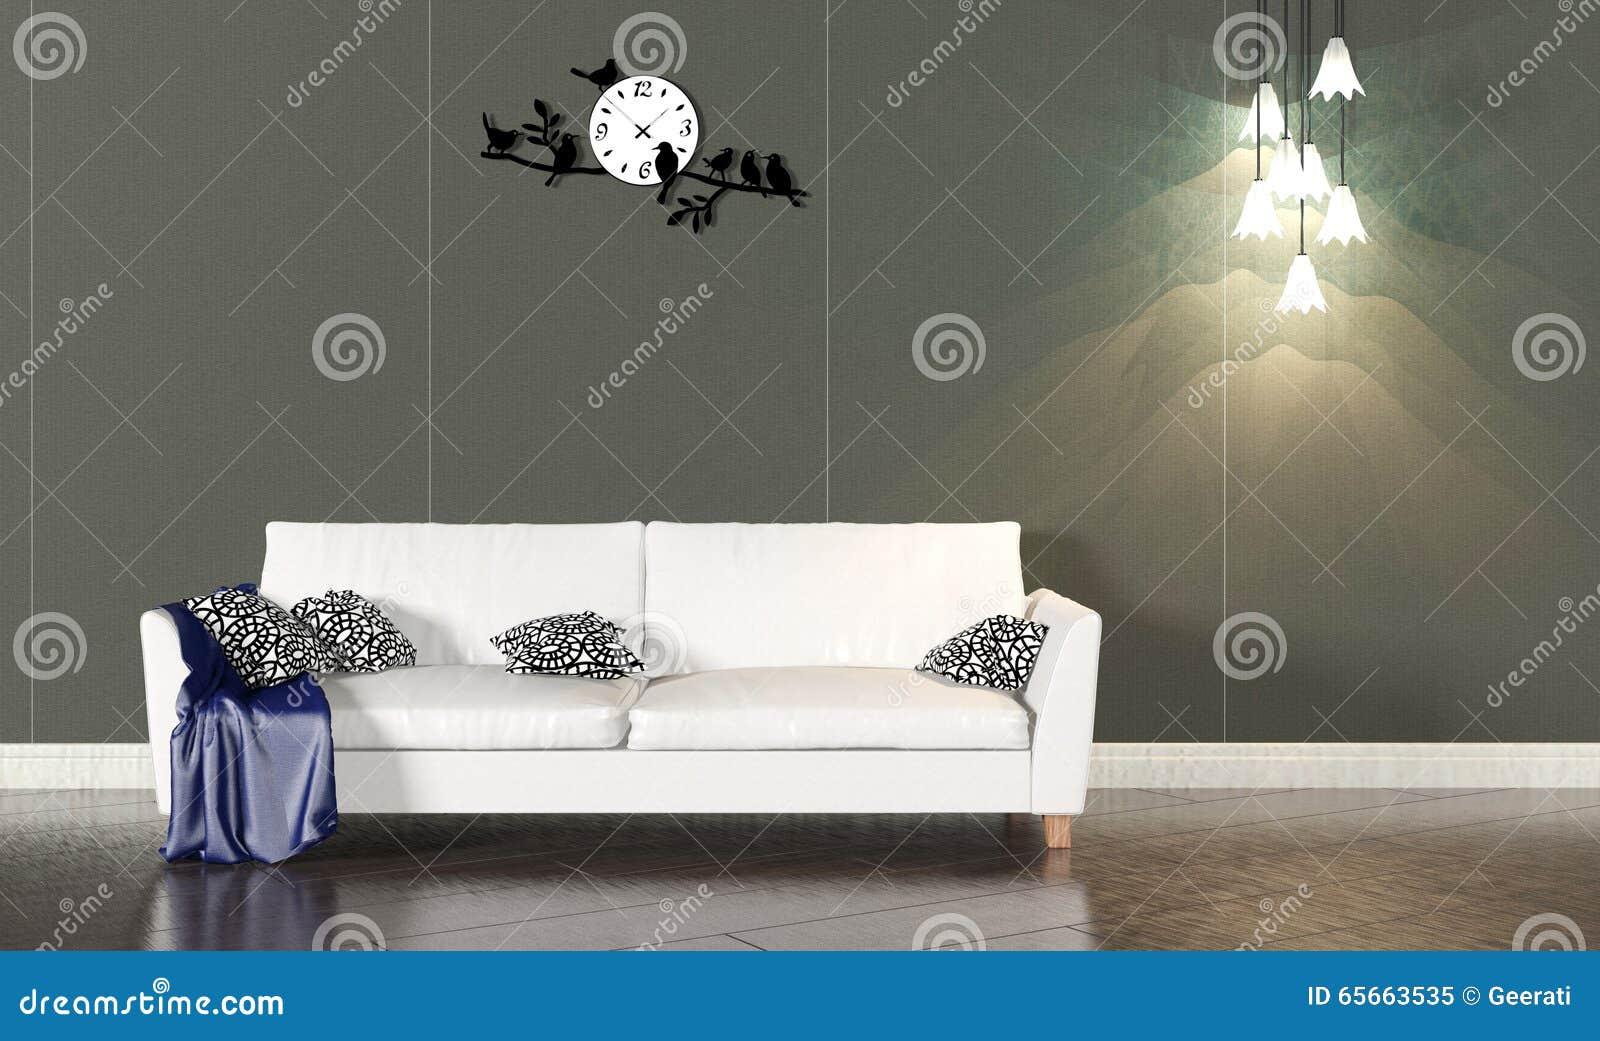 Montage zwarte keuken - Binnenkleuren met witte muur ...